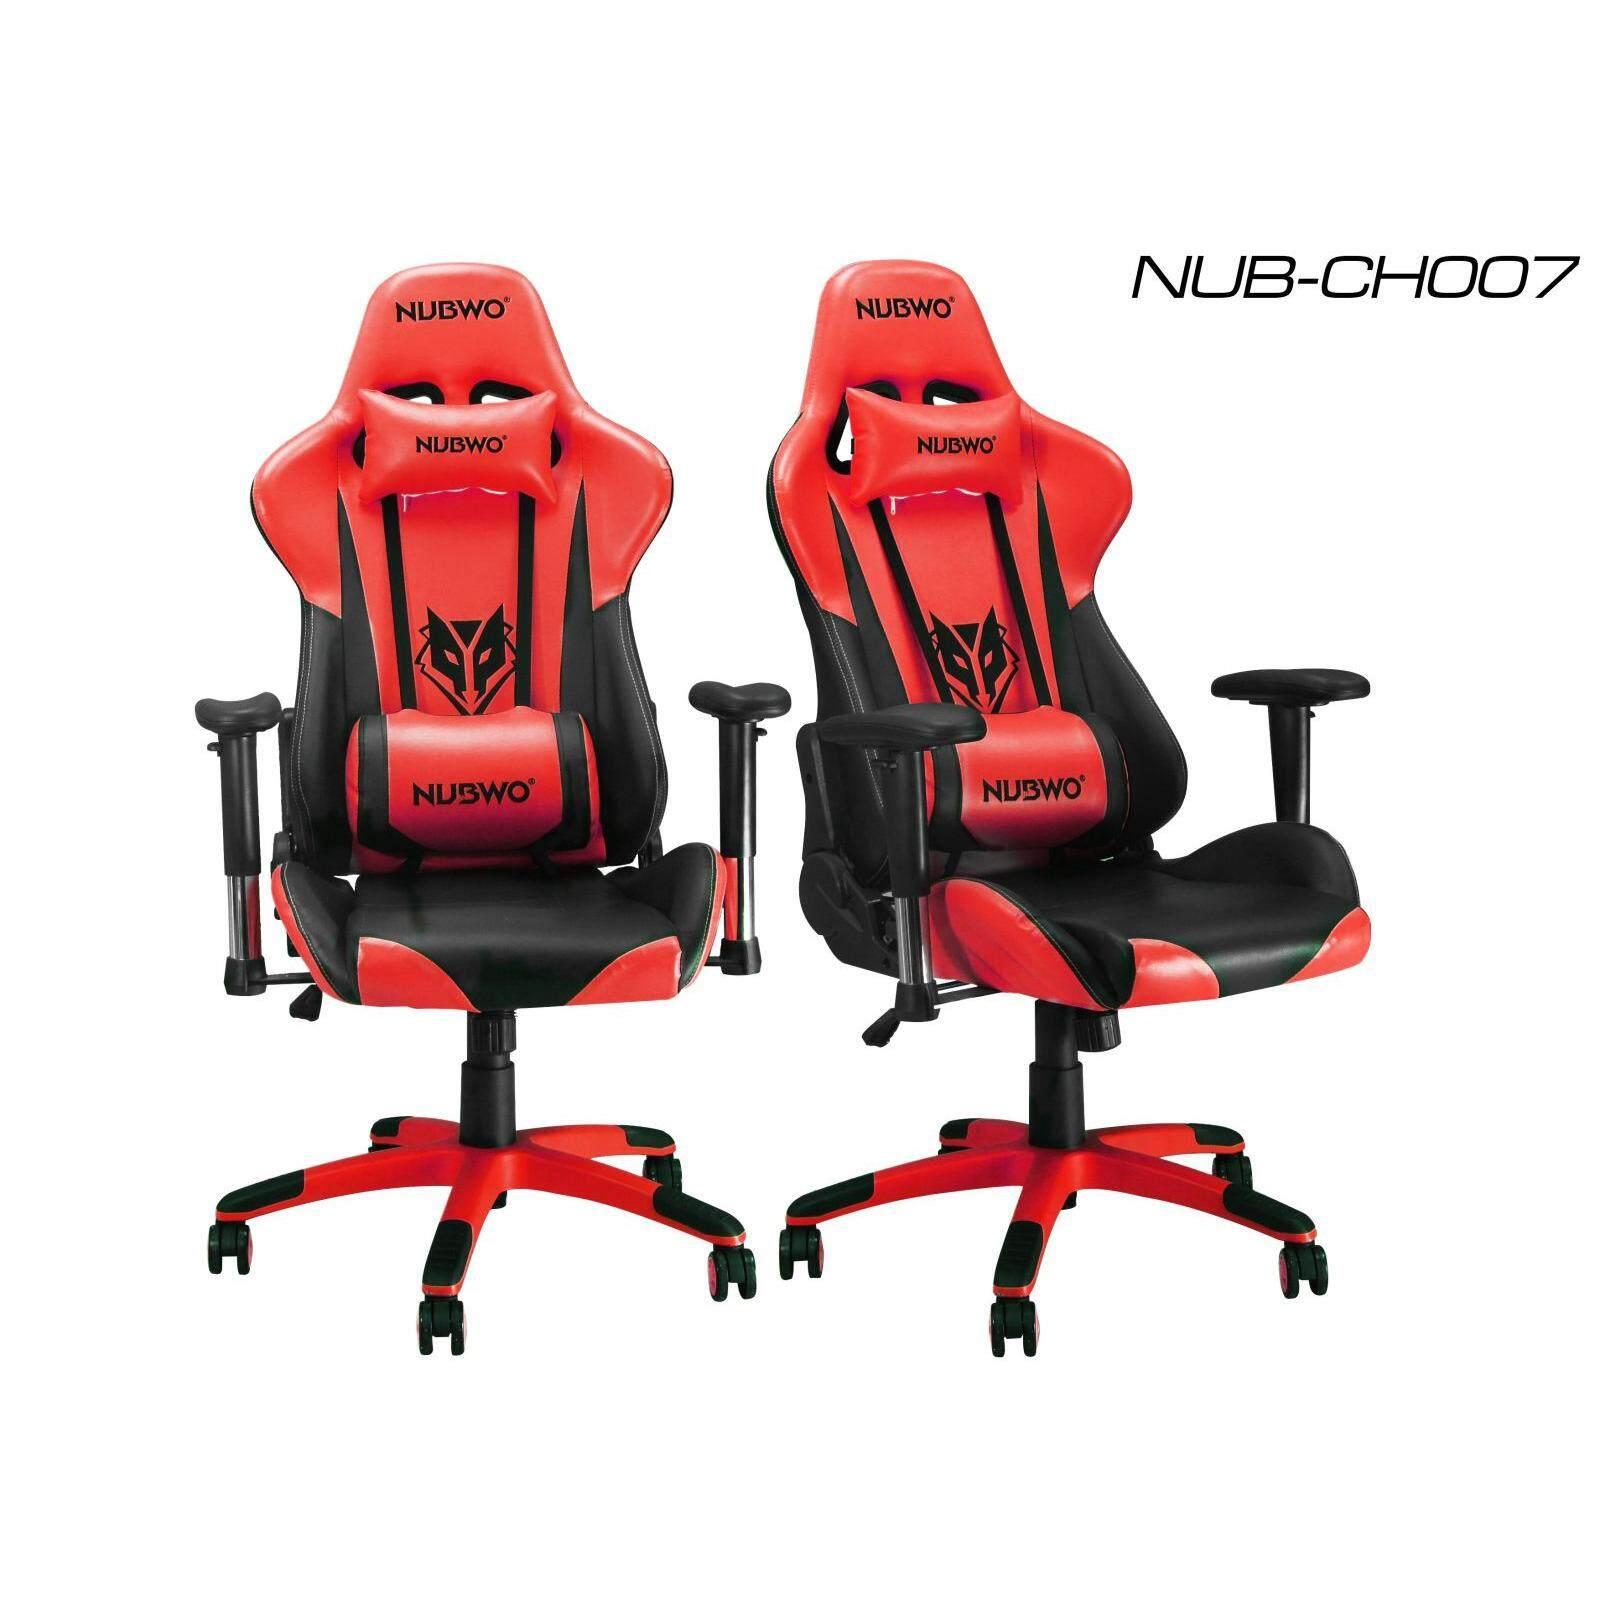 เก้าอี้เล่นเกมส์ Nubwo NBCH-07 Gaming Seat Chair